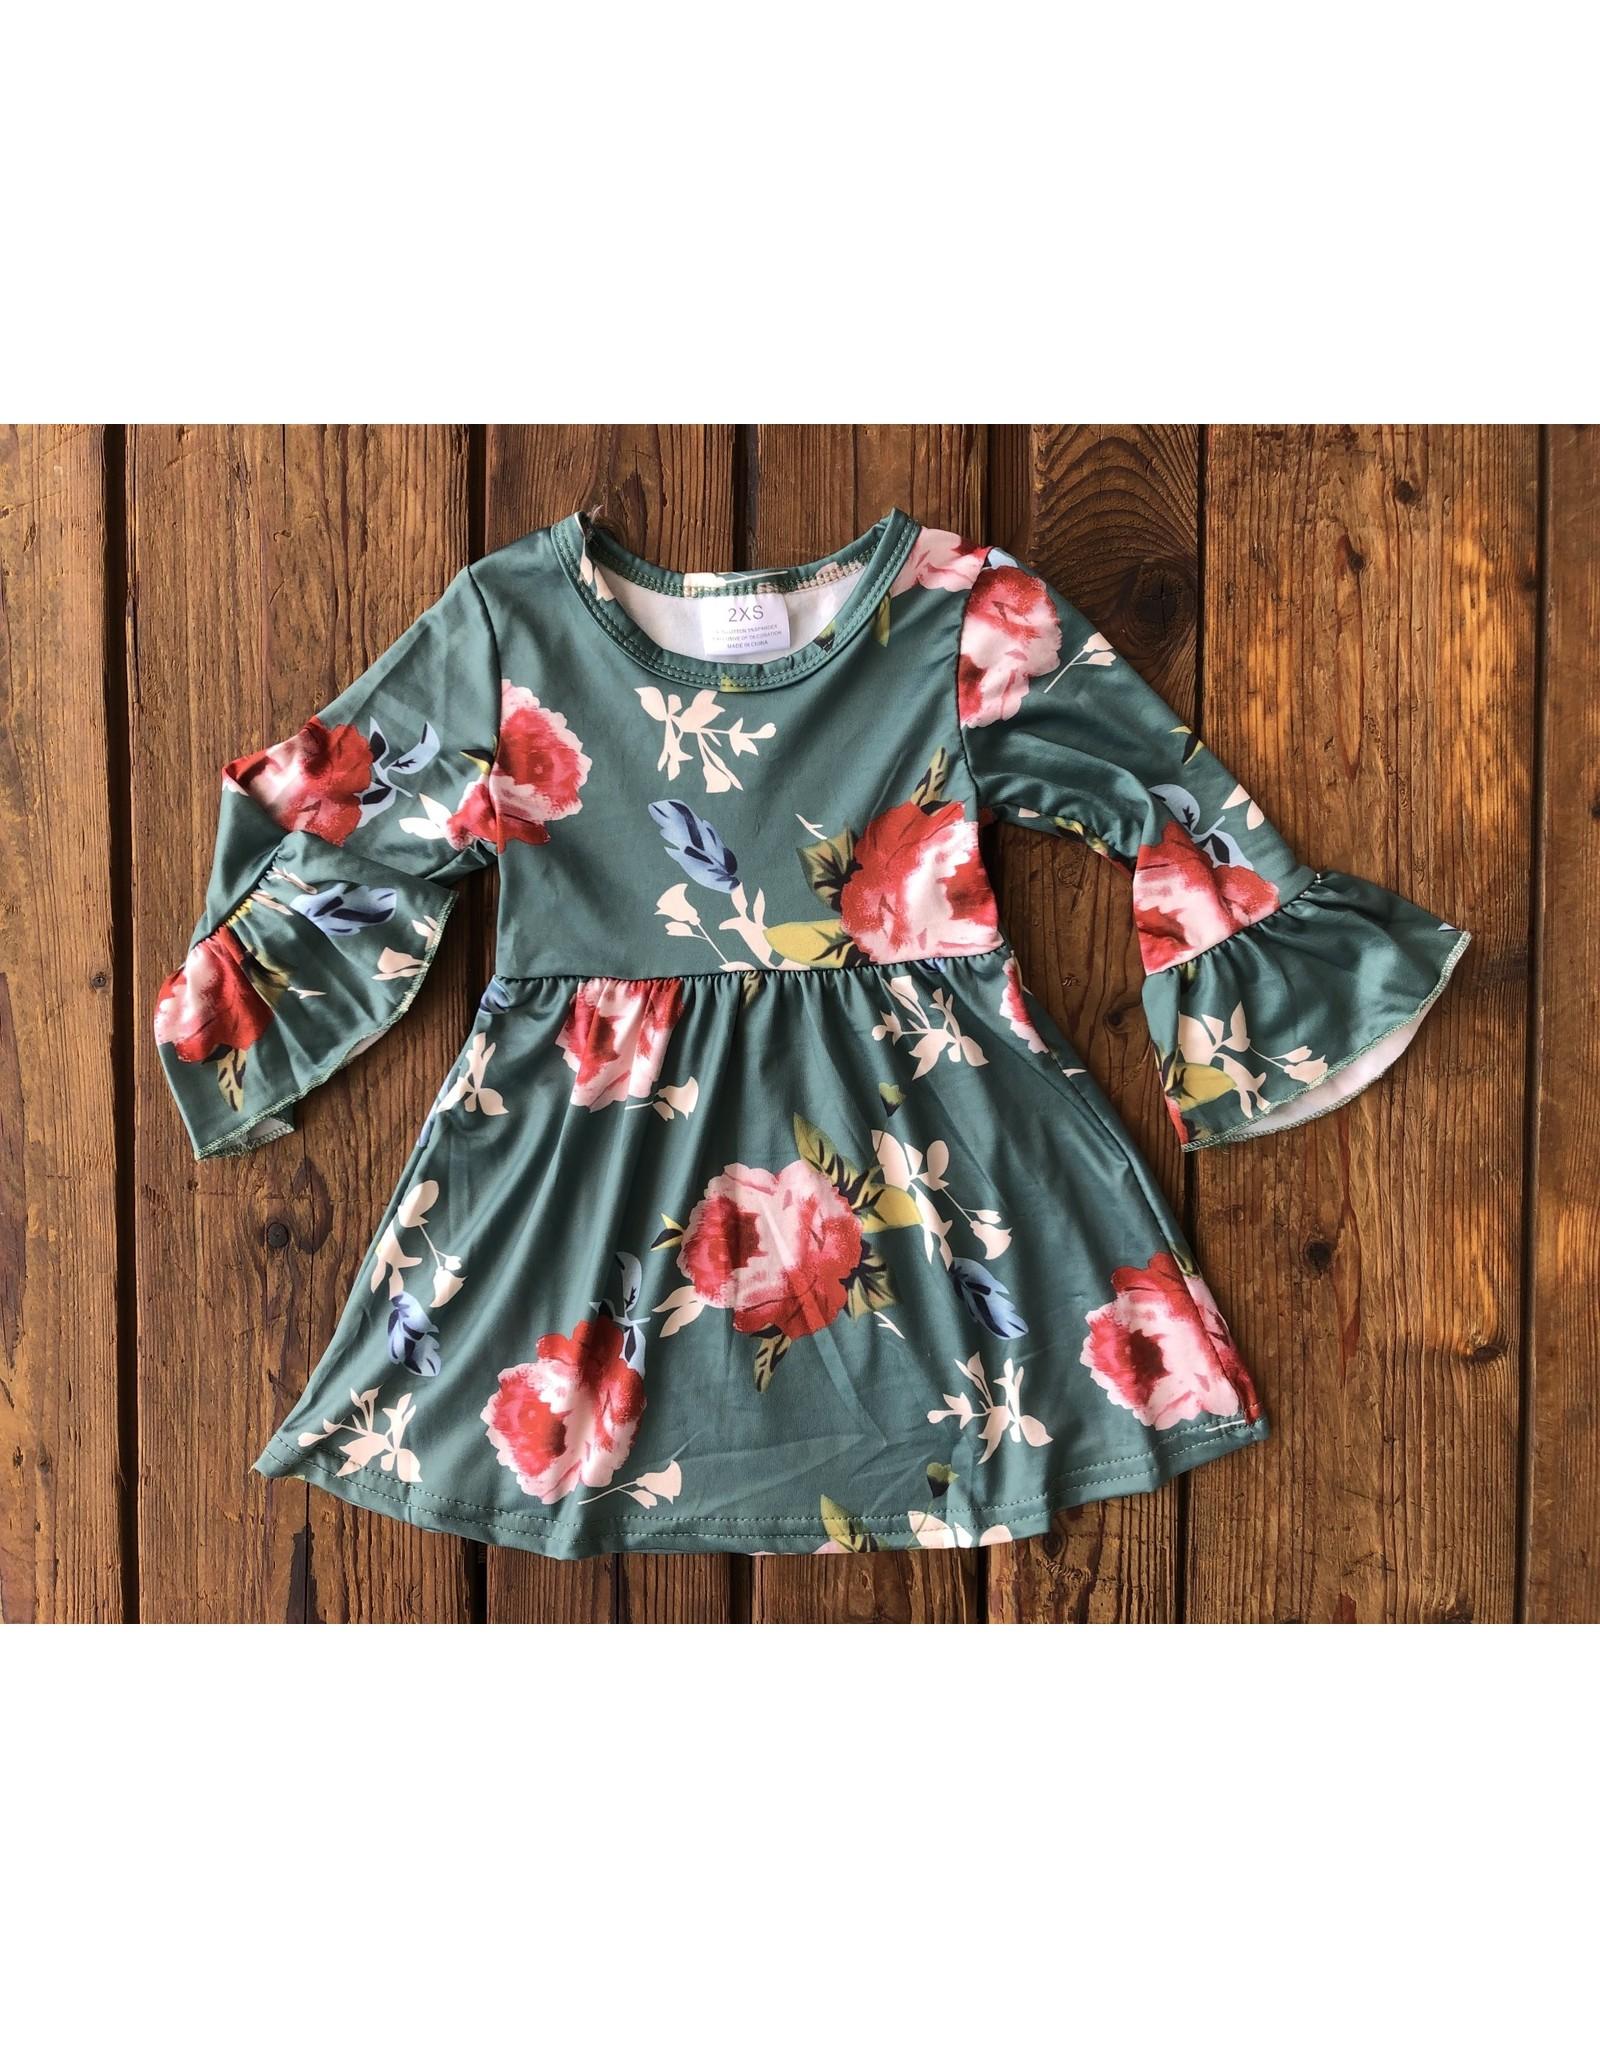 Erin Olive Floral Dress